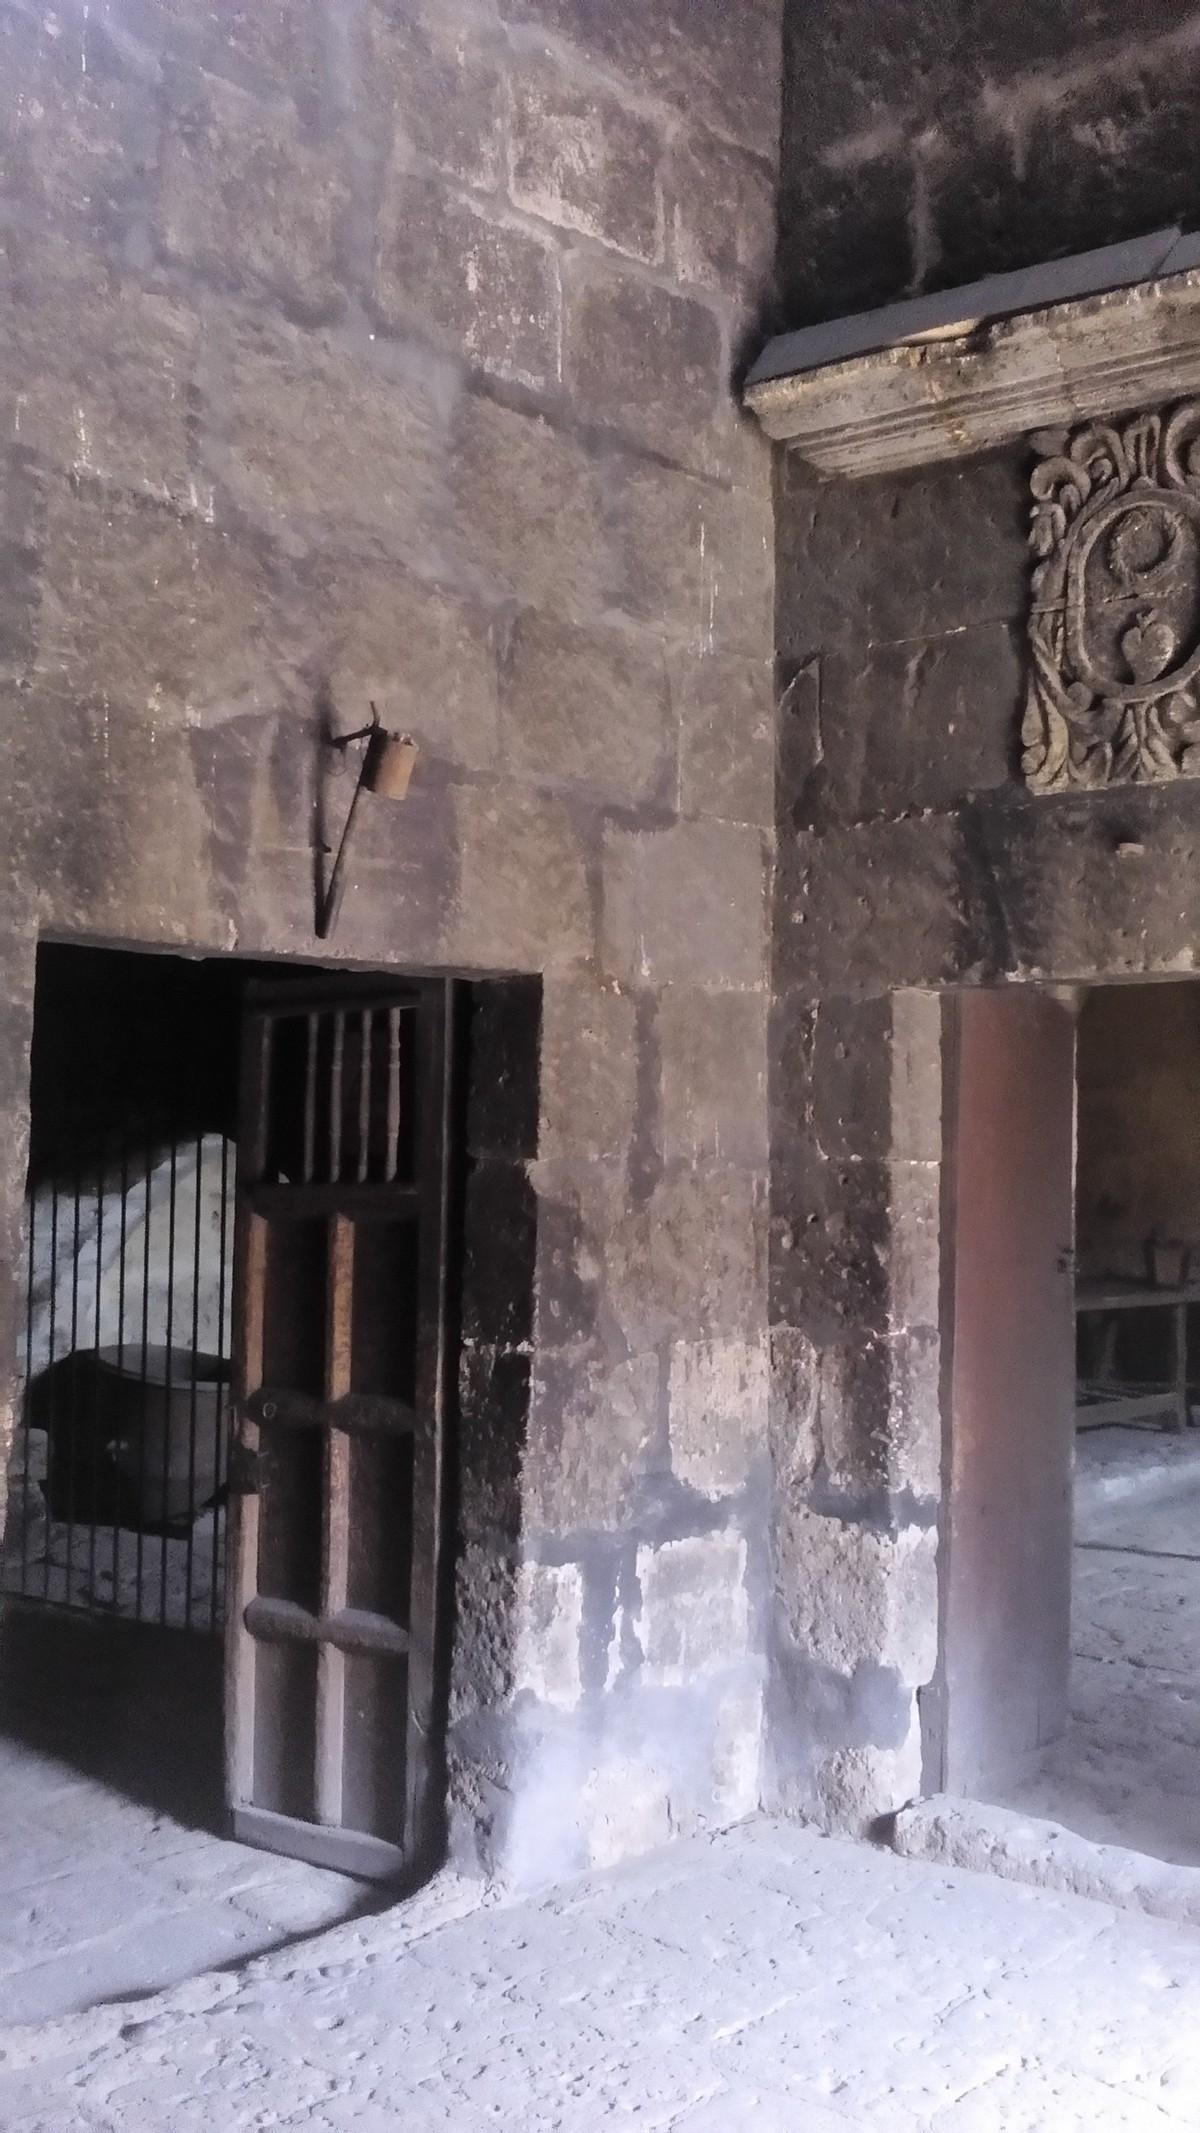 Kuchnie w Zakonie Świętej Katarzyny (Santa Catalina)